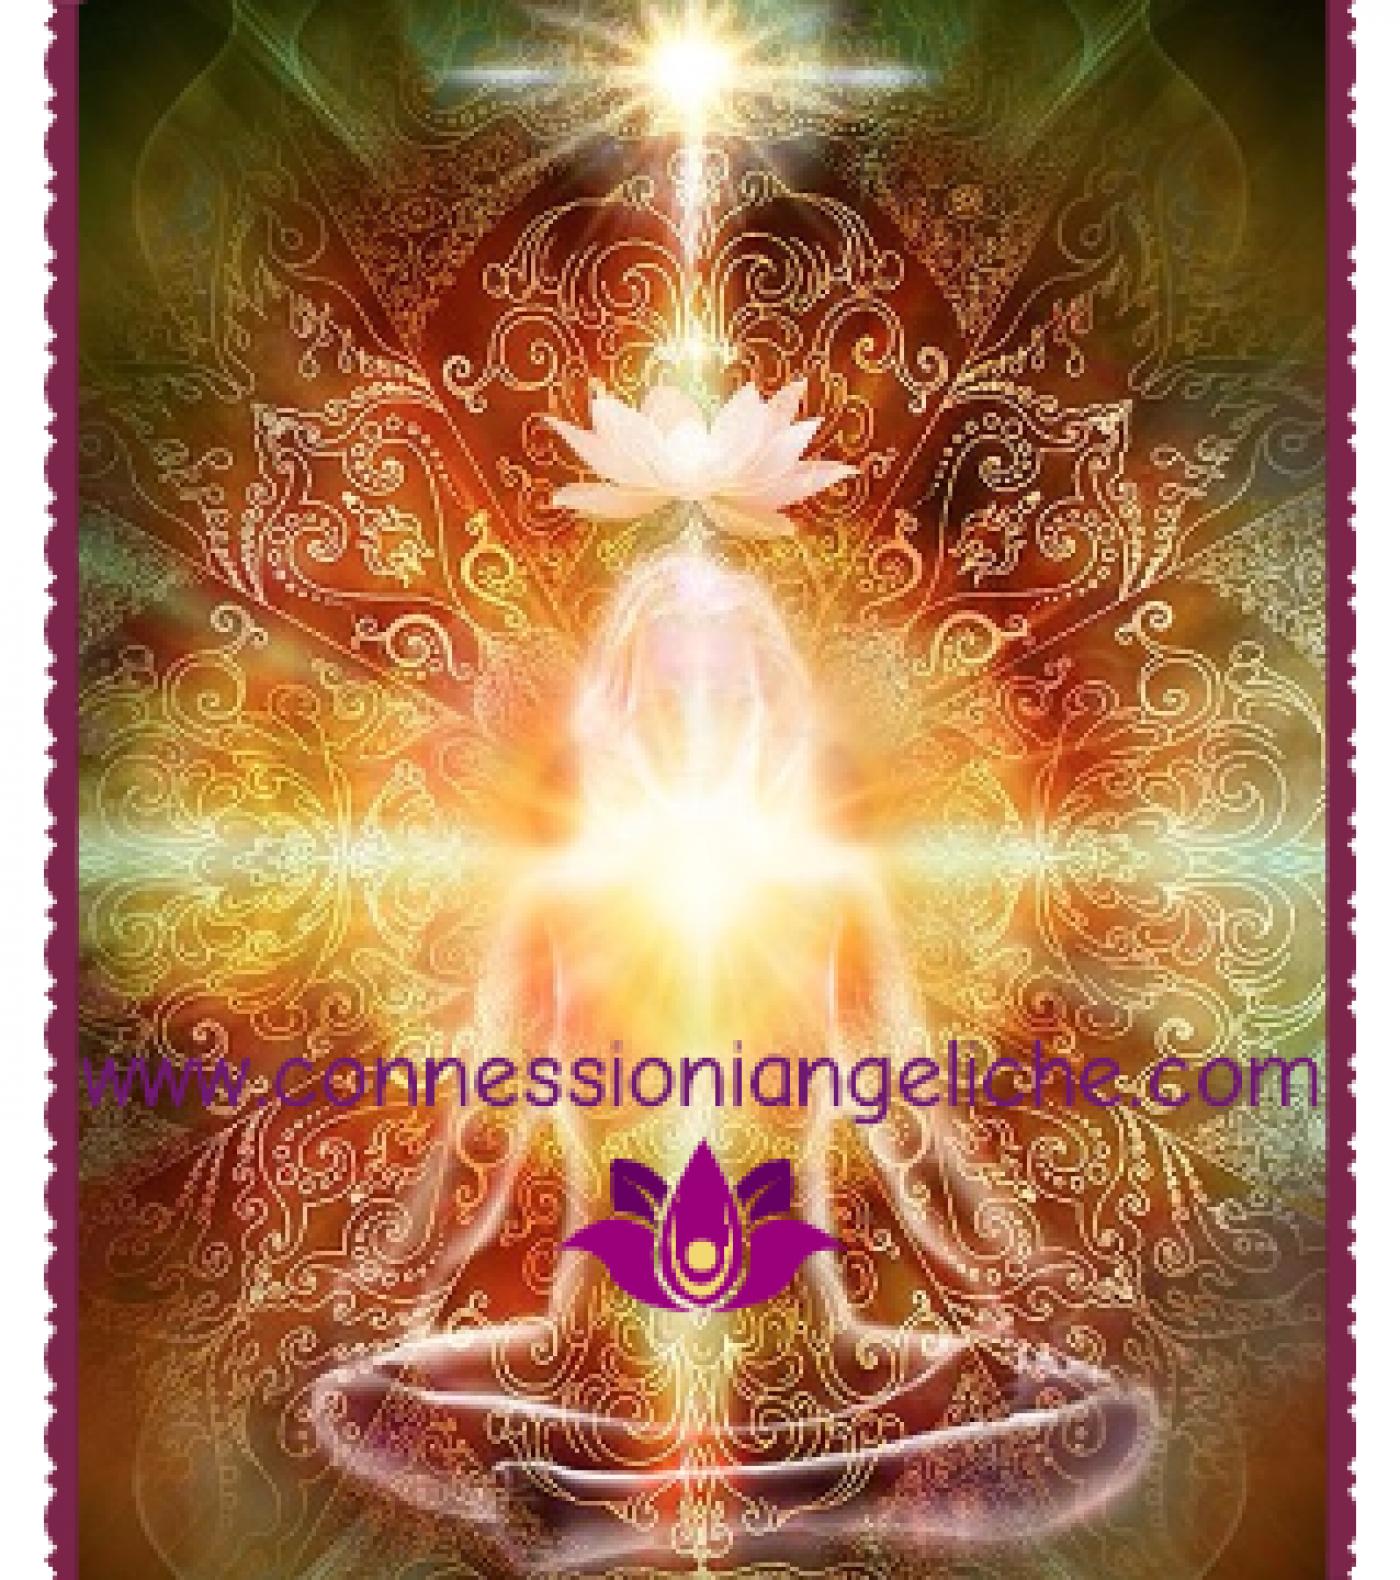 Meditazione per la Manifestazione dell'Abbondanza con la Luce del Sè Superiore.